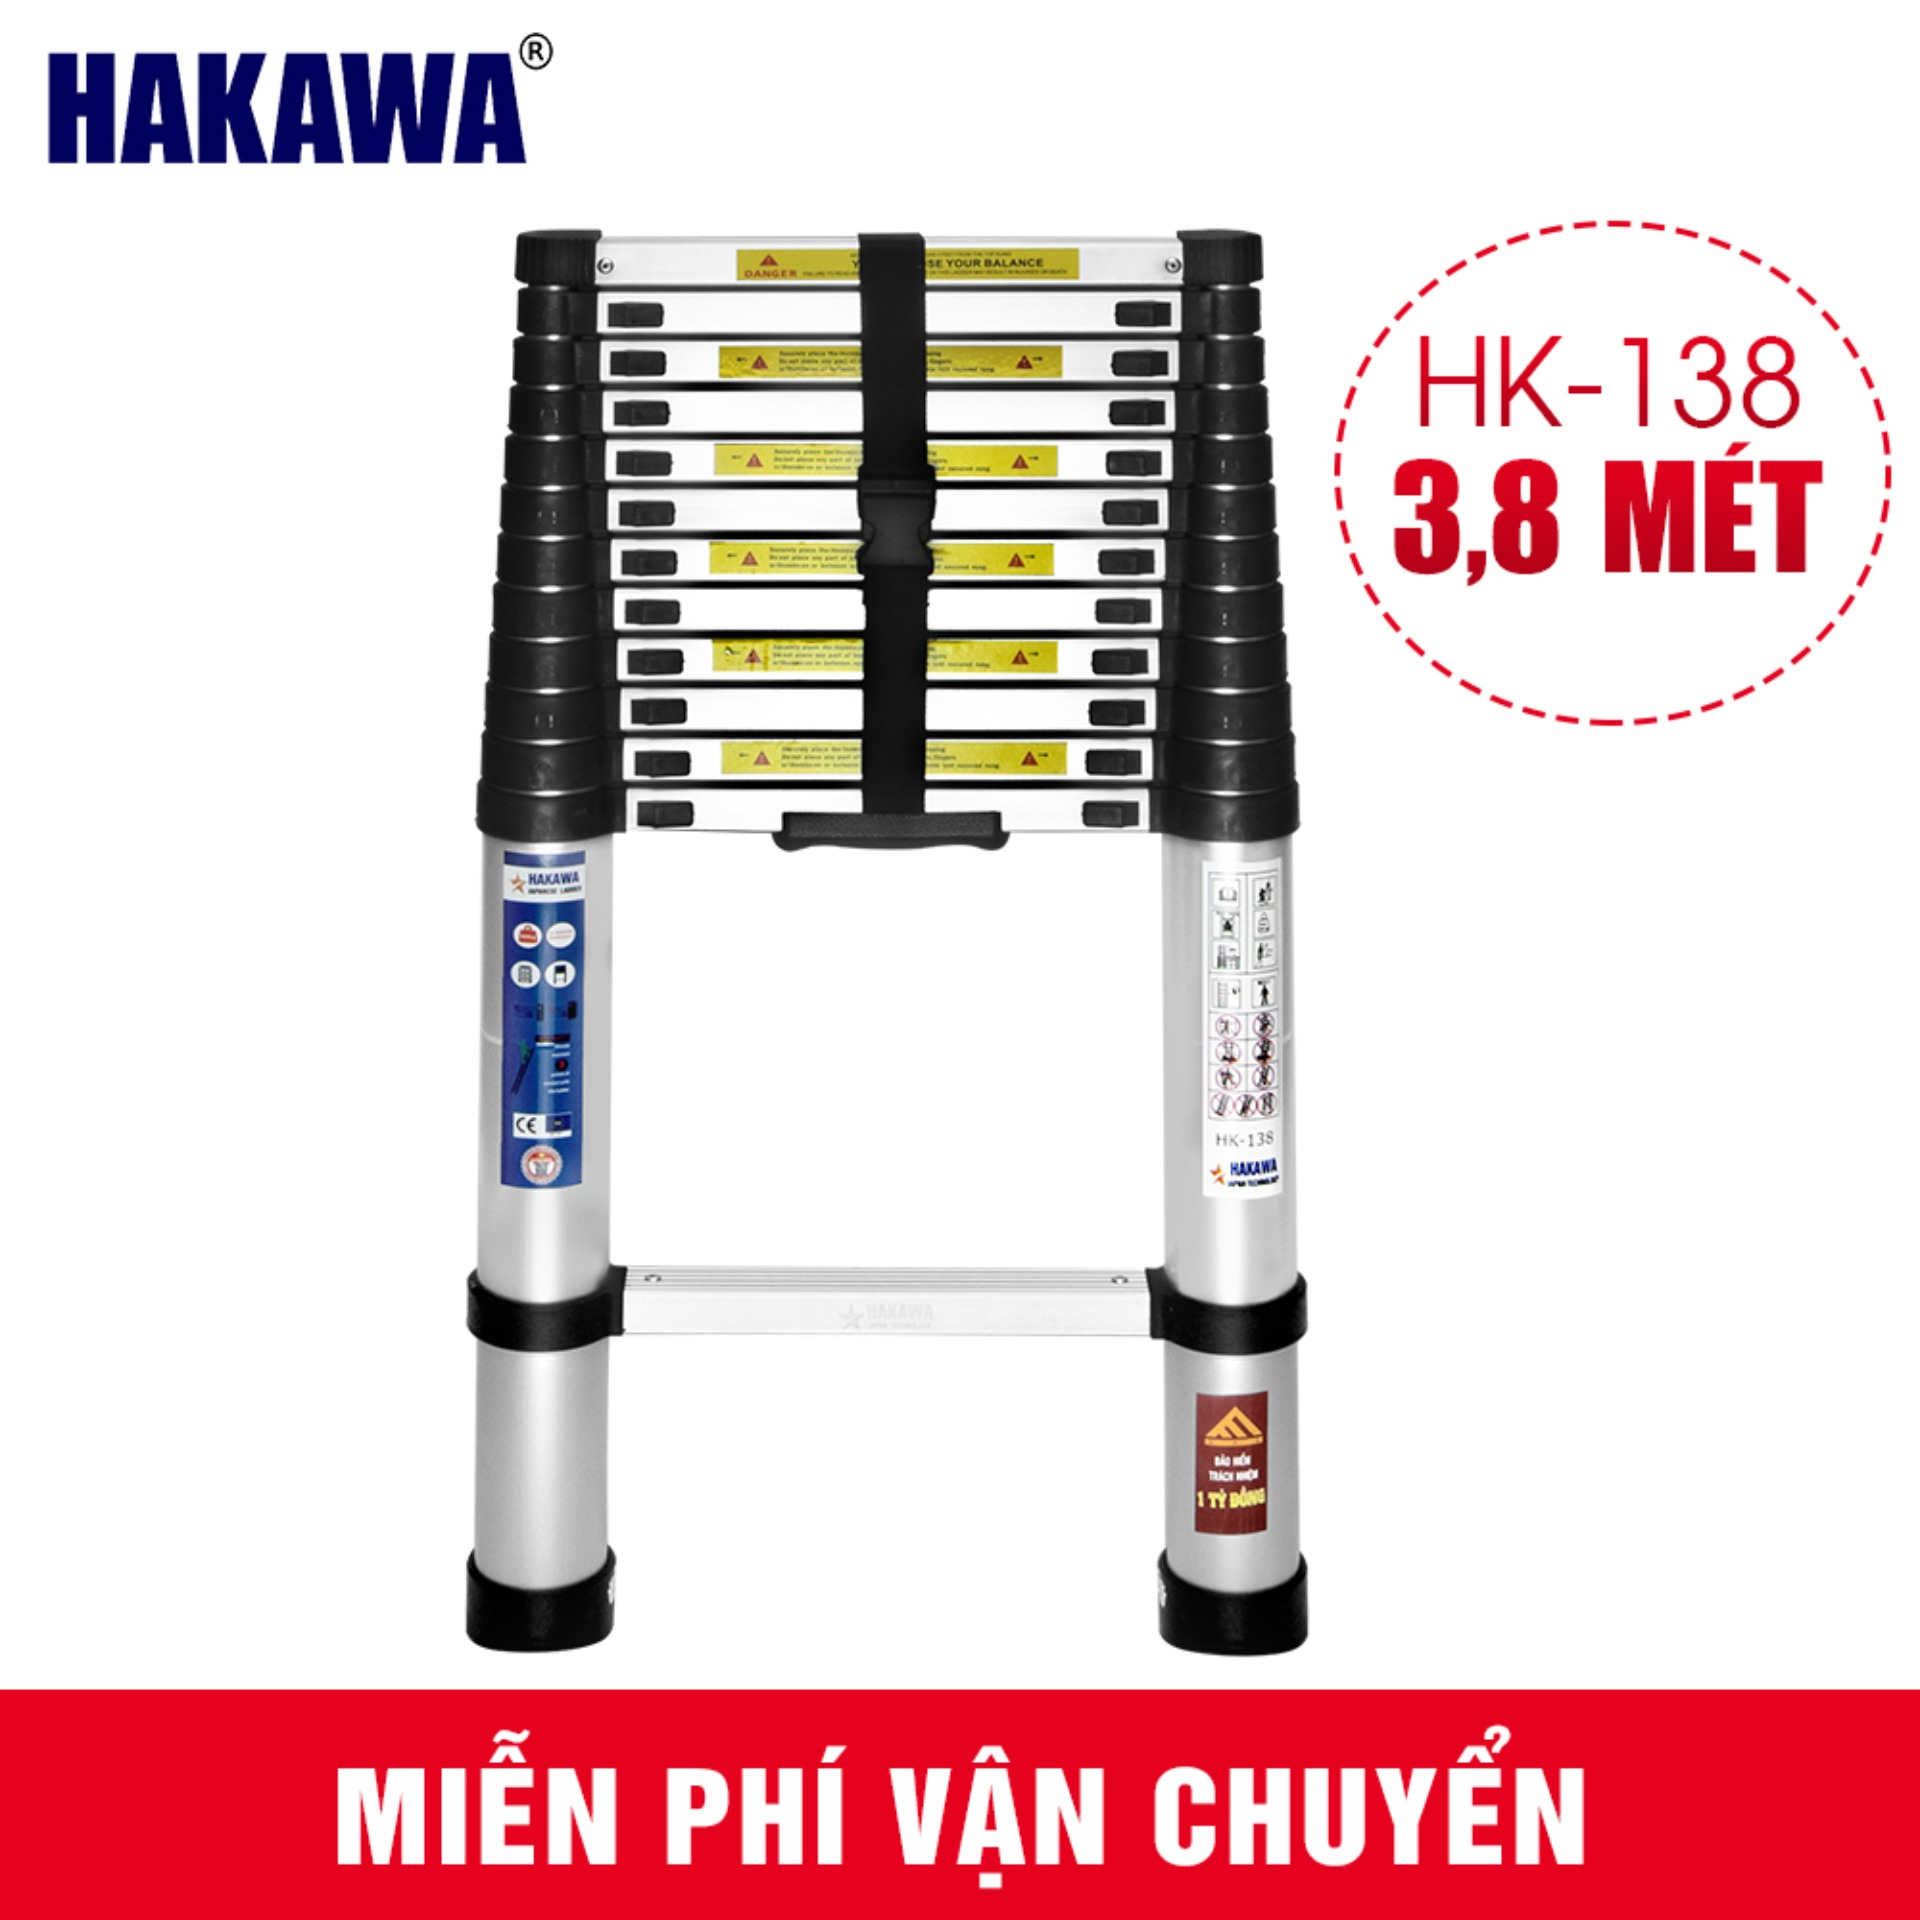 Thang Nhôm Rút Đơn Nhật Bản Chính Hãng Hakawa + 3,8 mét + Thang nhôm chuyên dụng cho thợ điện + Bảo hành chính hãng 2 năm